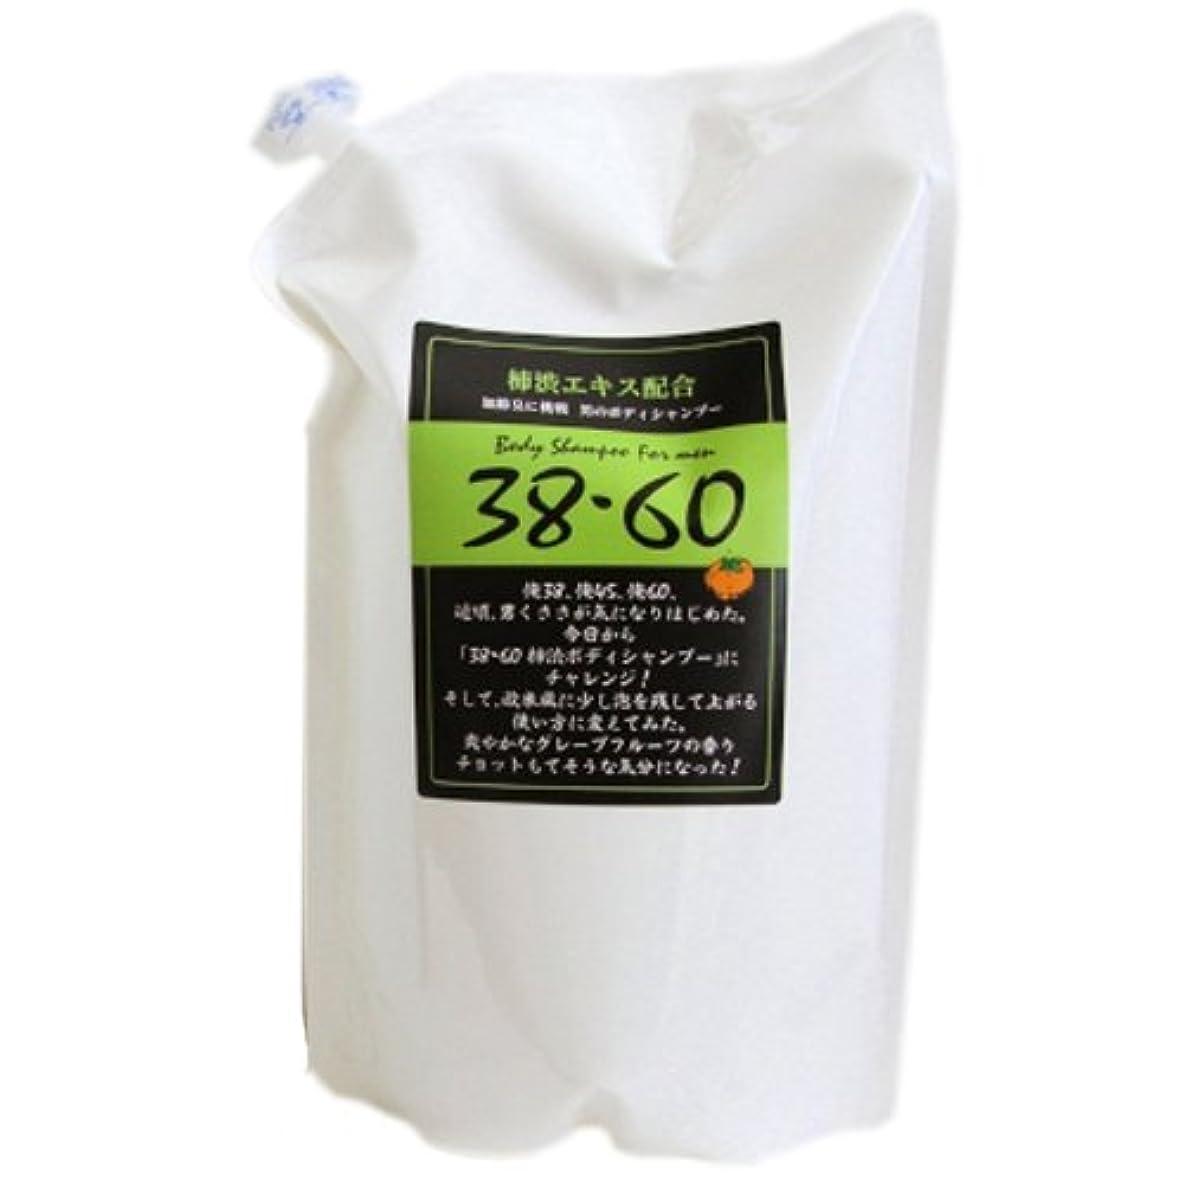 メロン春ブラジャー38?60柿渋ボディシャンプー詰替1500ml